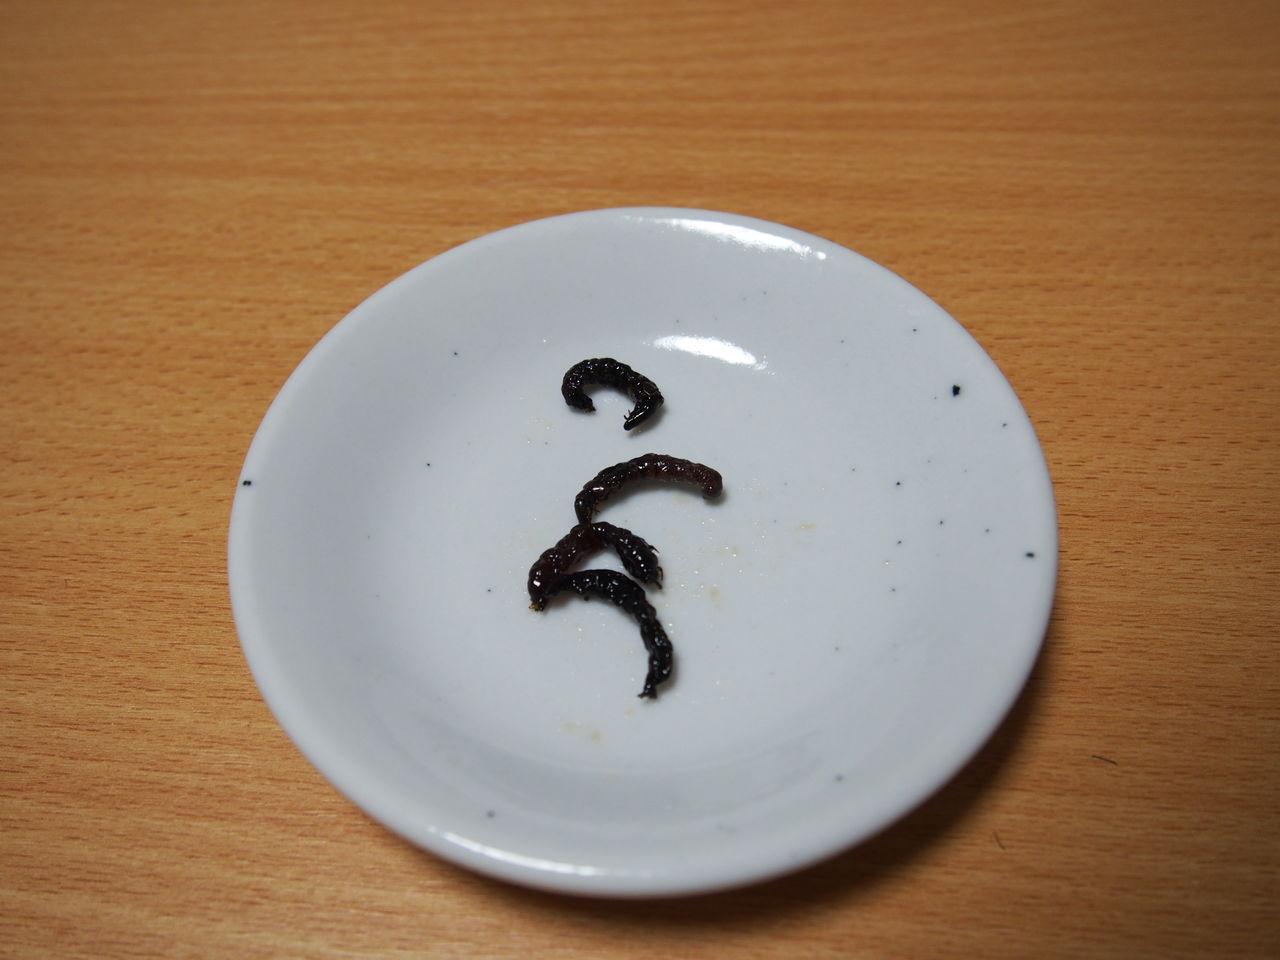 ざざむしとは、トビケラ等の幼虫を佃煮にしたもので、山奥の伊那地区では冬季における貴重なタンパク源とされていた食物だ。